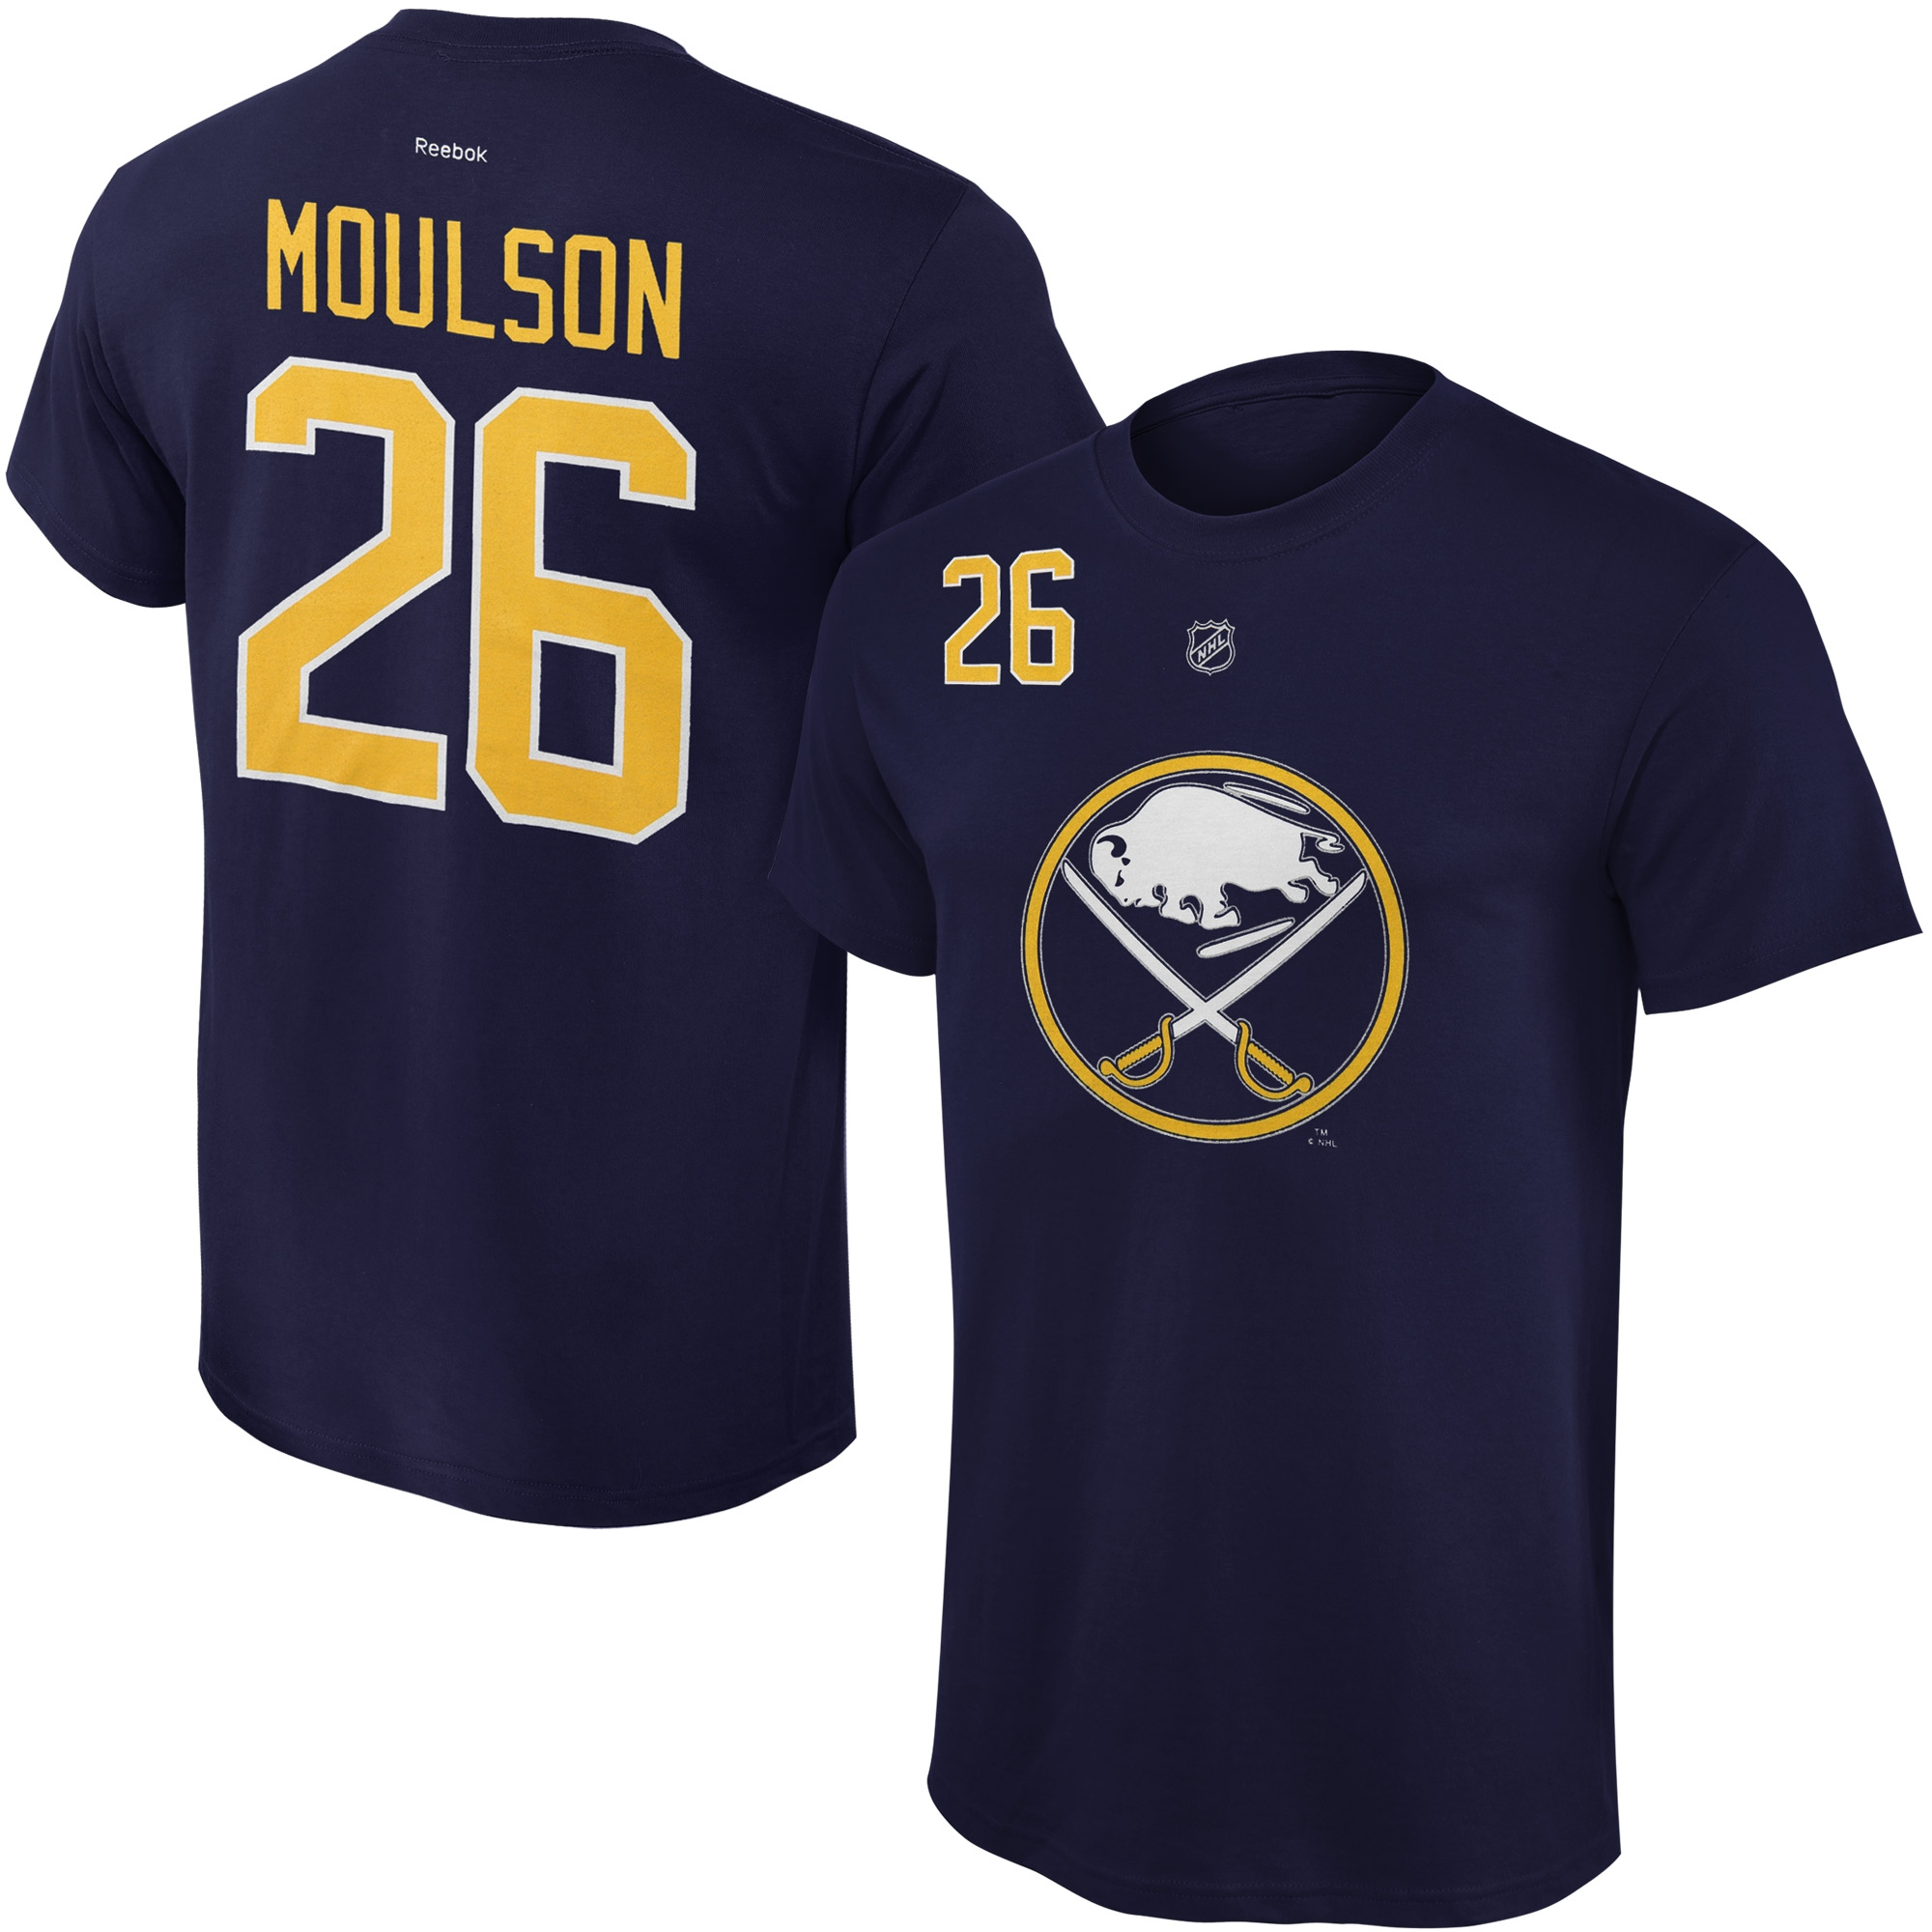 Reebok Dětské tričko Matt Moulson Buffalo Sabres NHL Name & Number Velikost: Dětské M (9 - 11 let)